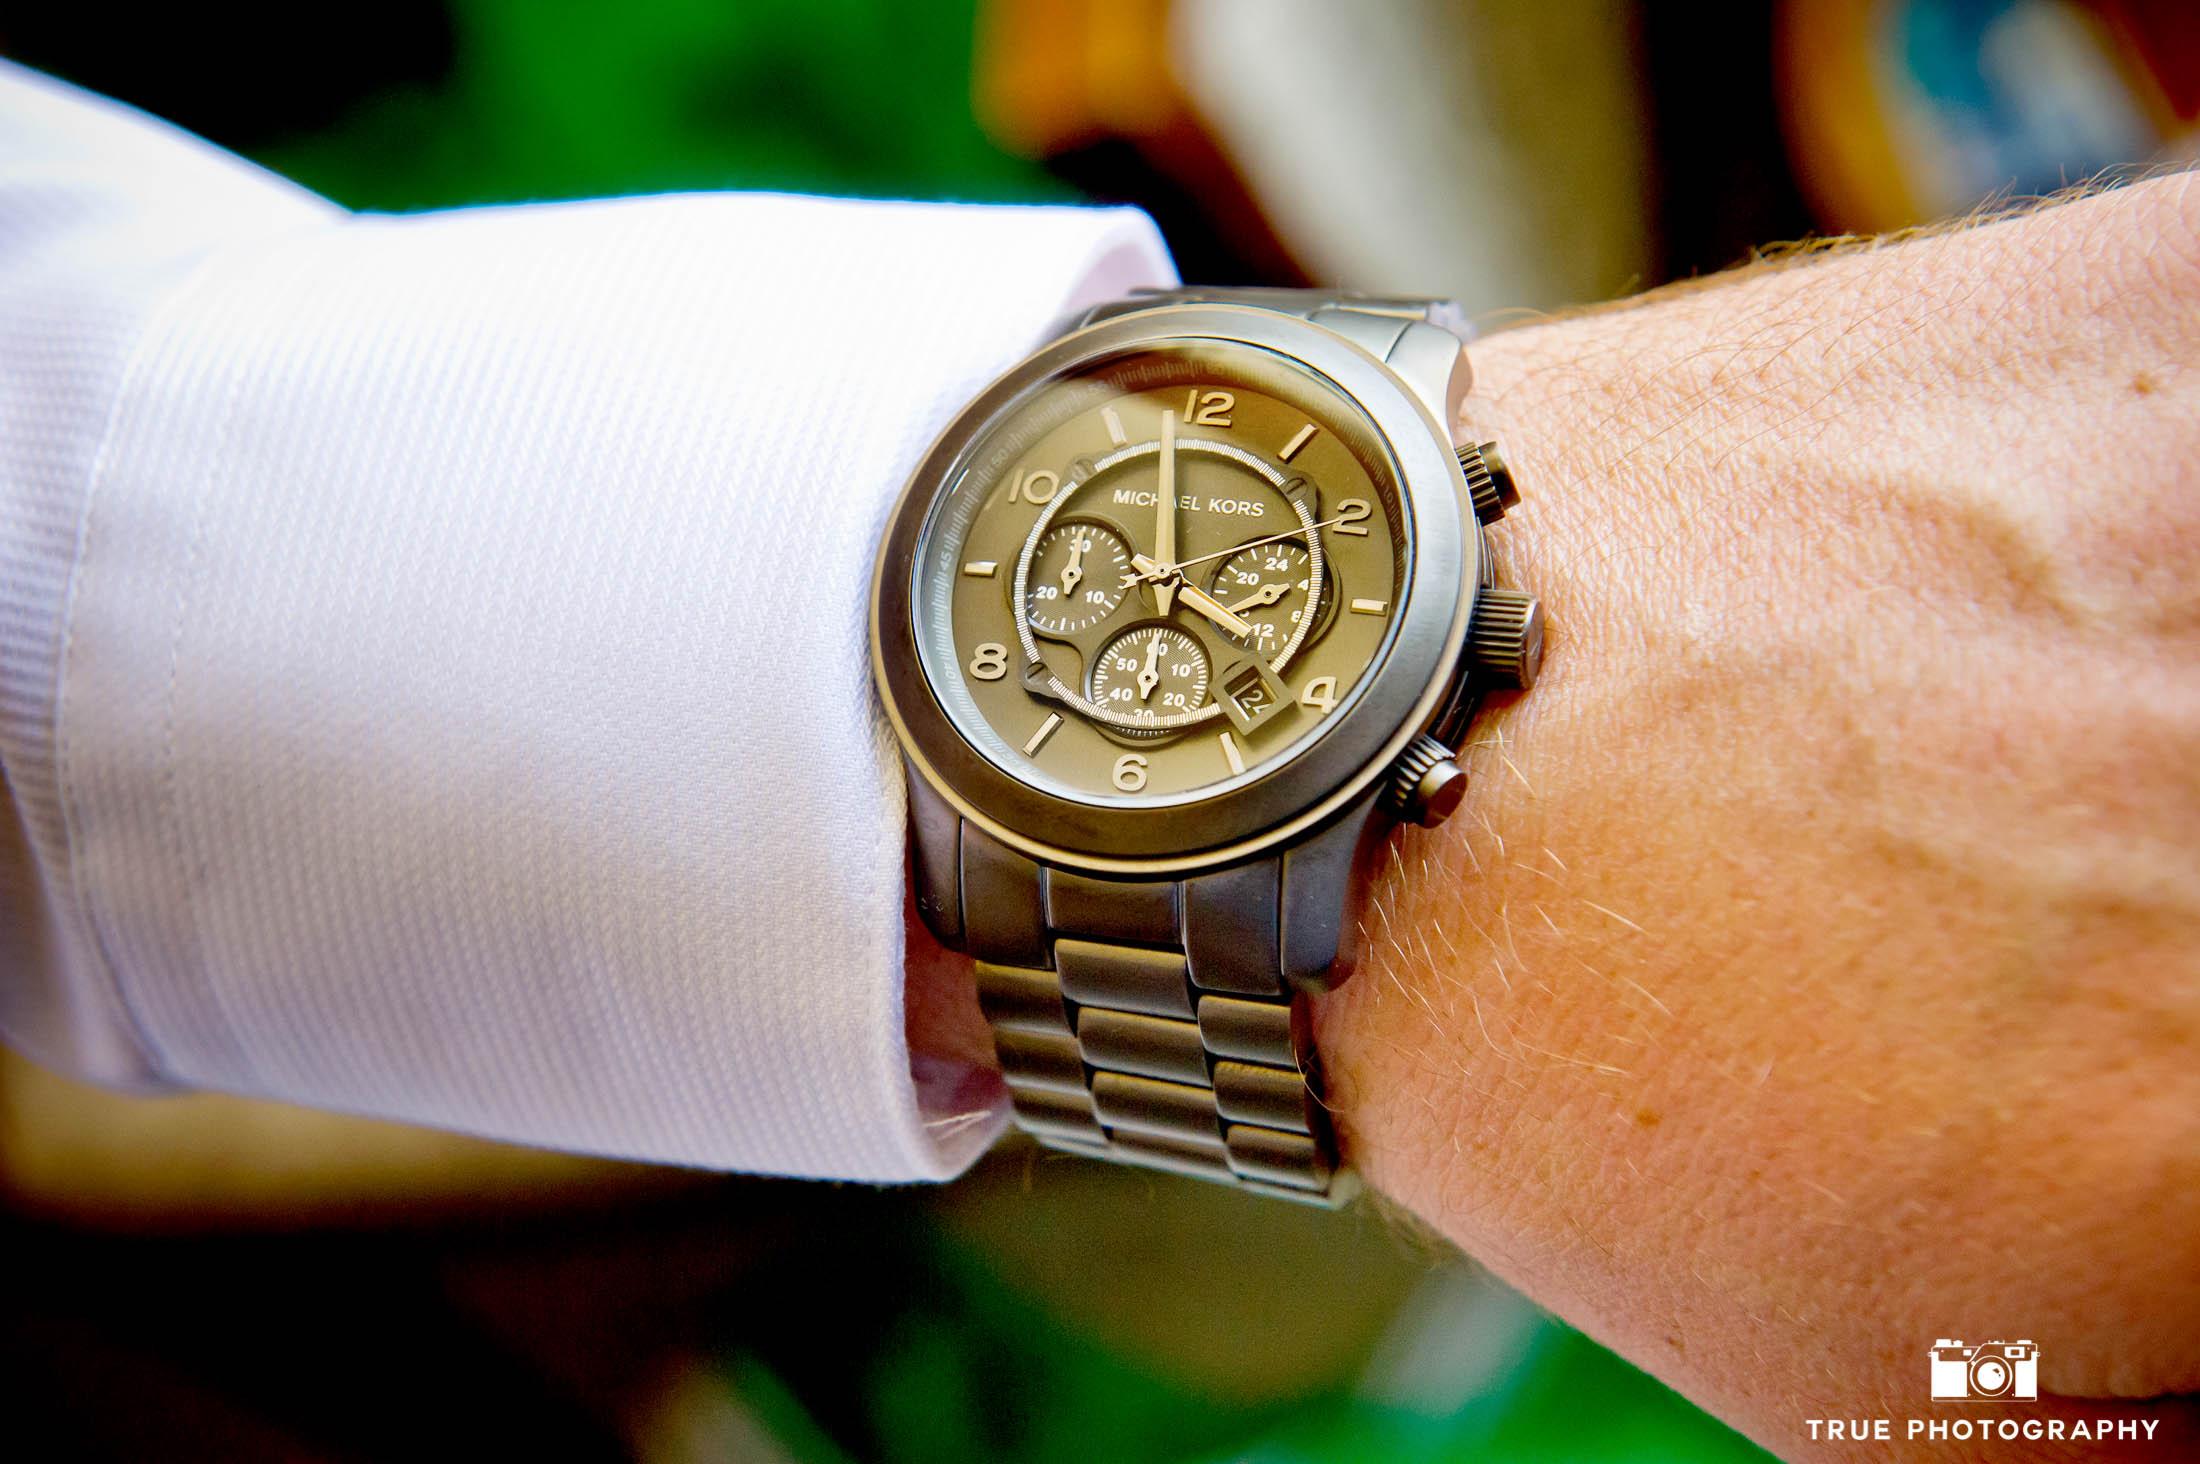 Groom shows off fancy watch